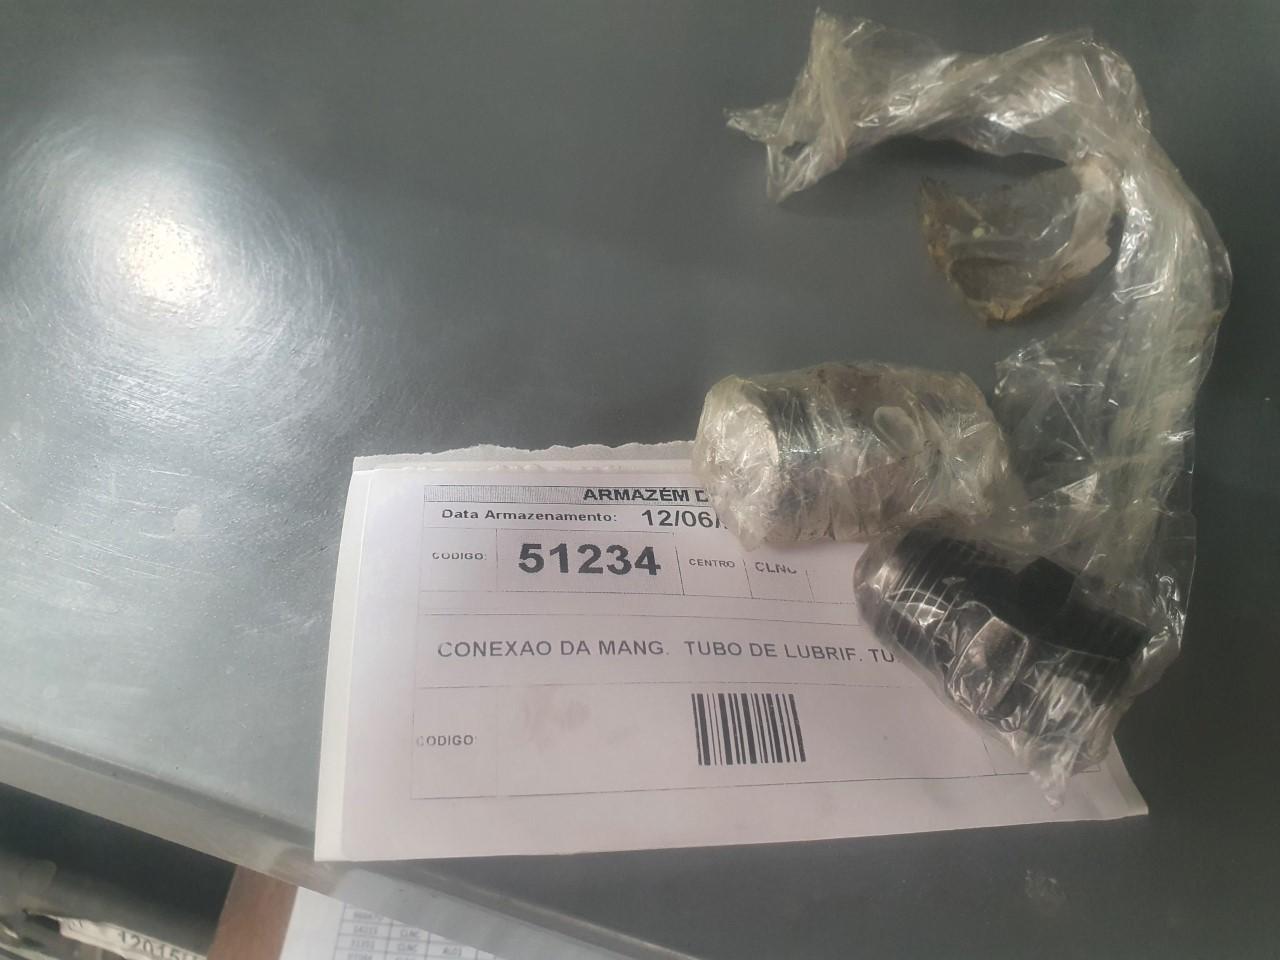 Conexao da mang.  tubo de lubrif. turbo aprox. 15 peças